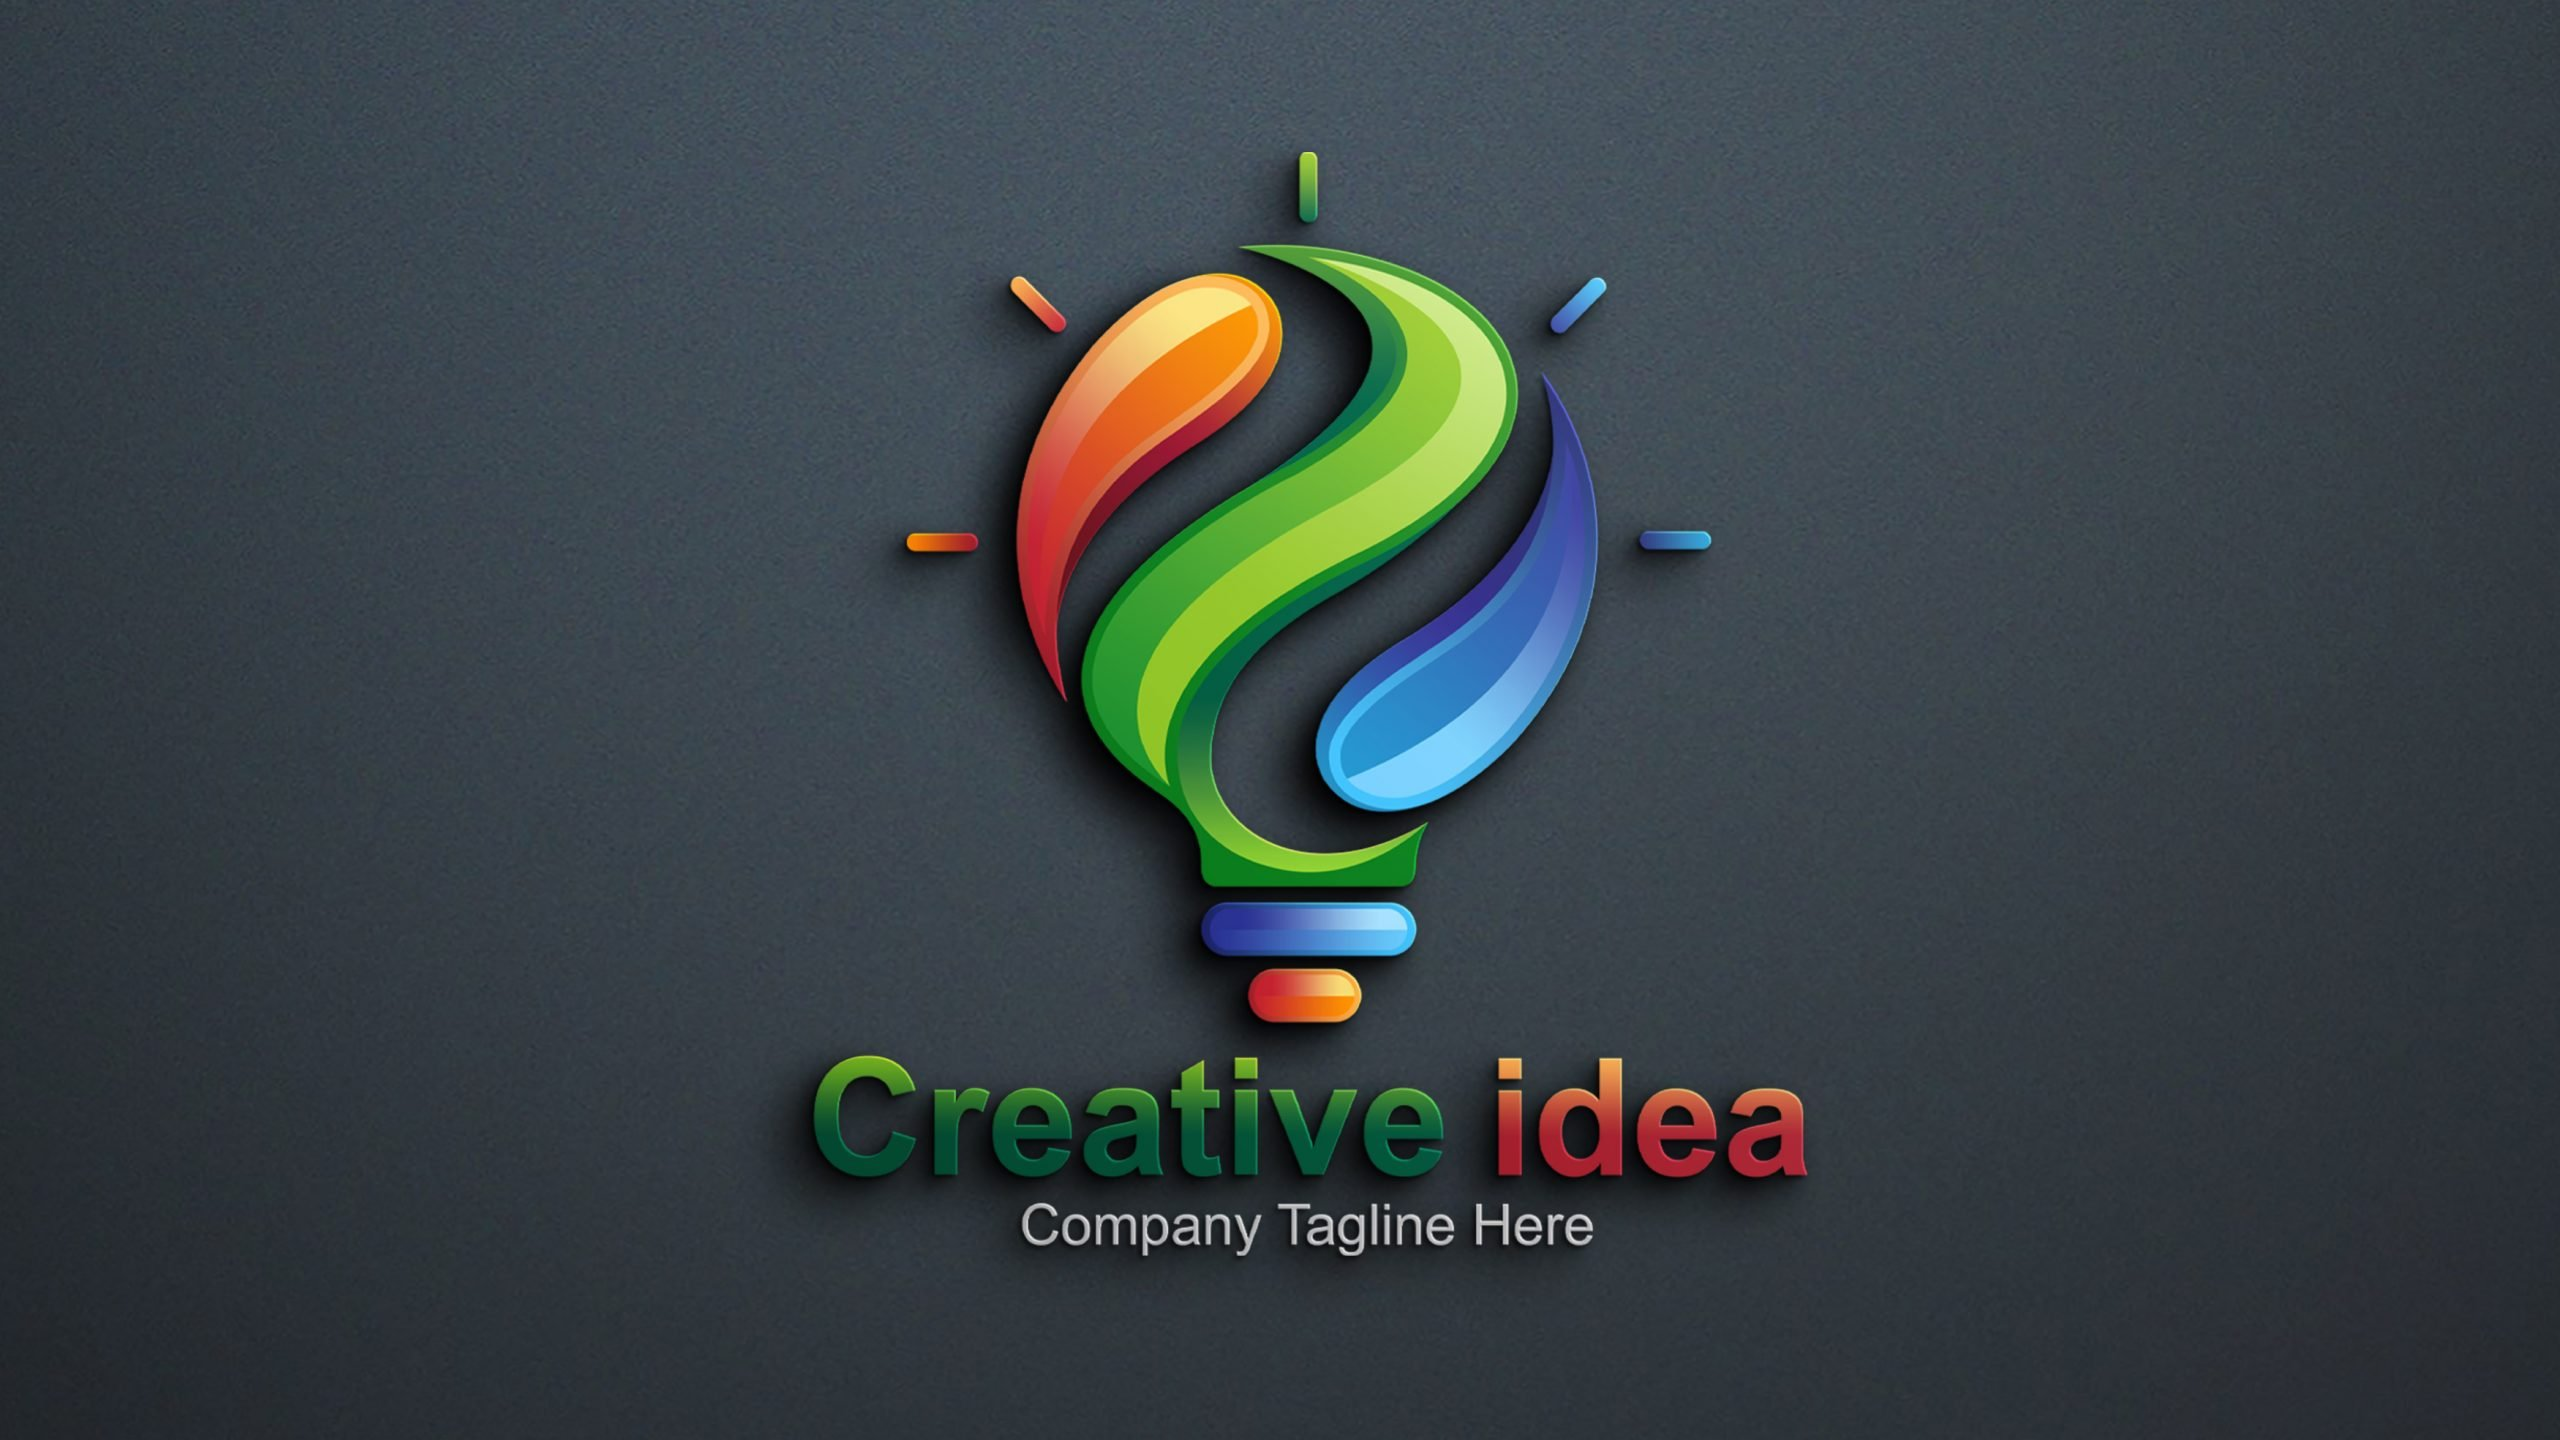 Creative Idea Logo Design .PSD source